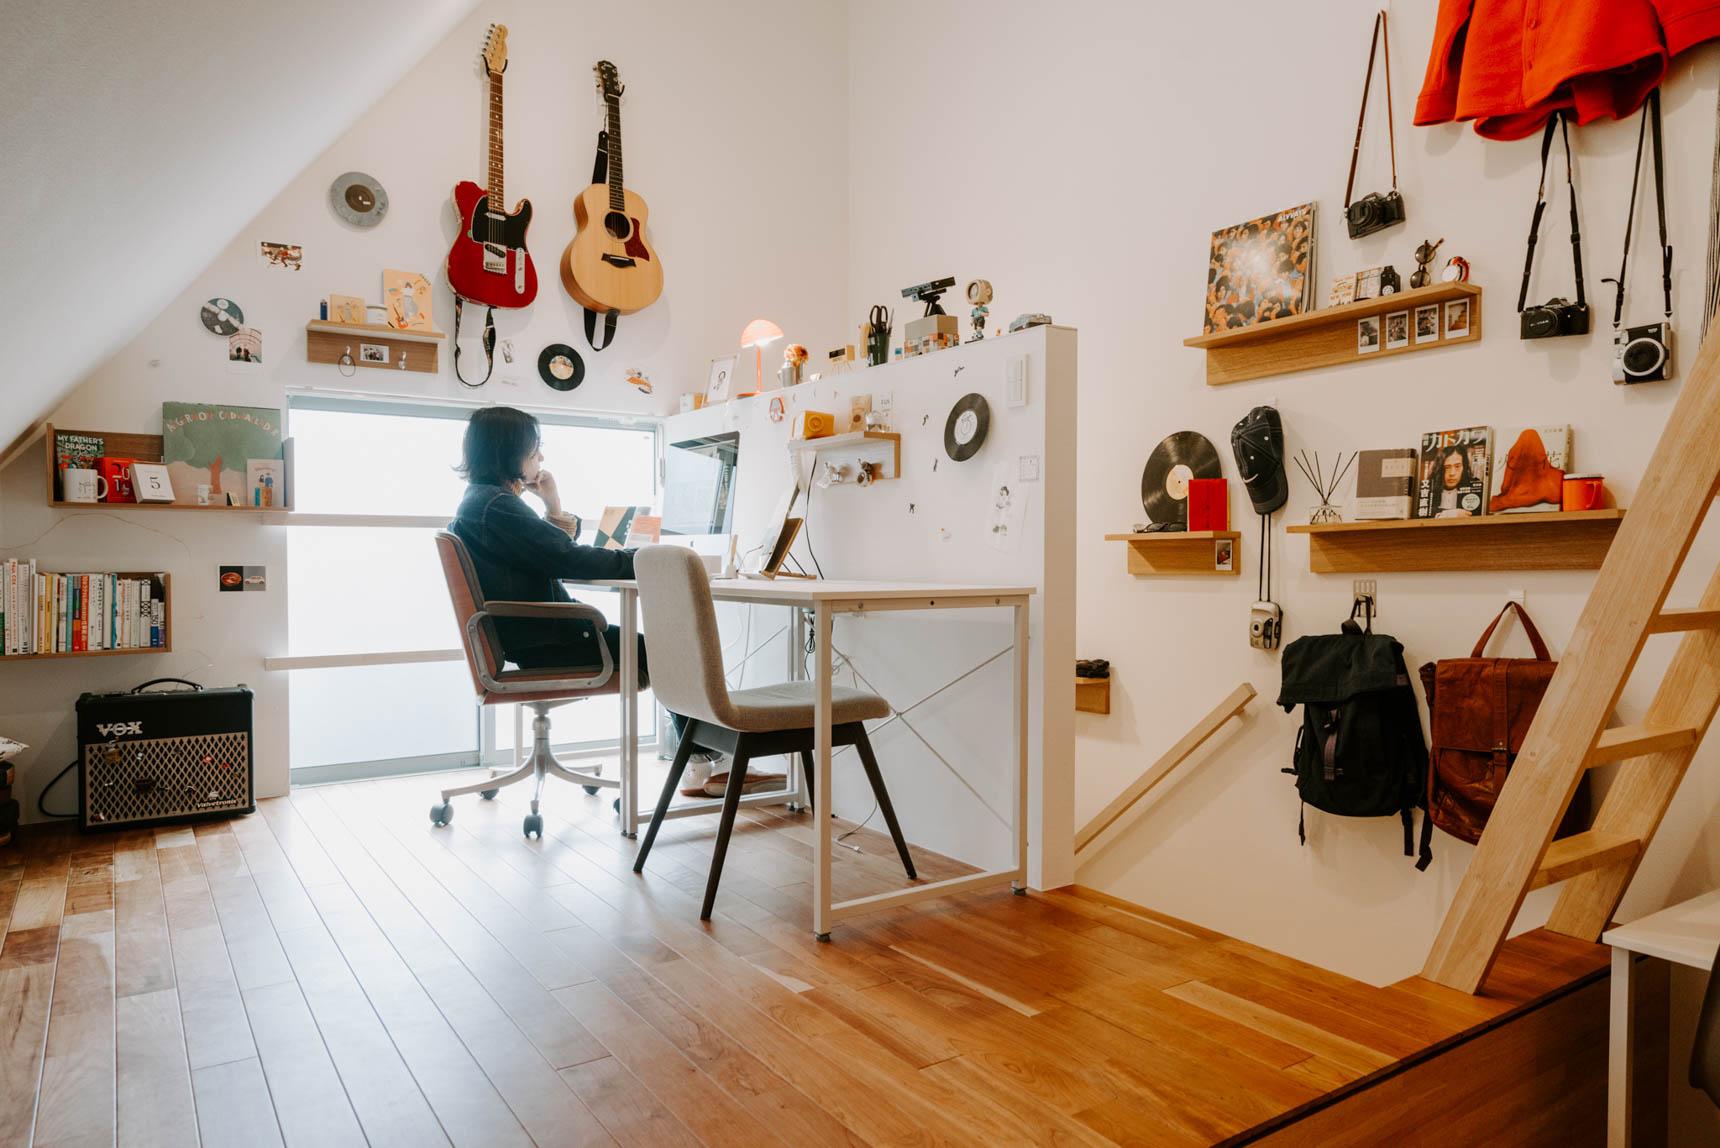 新井リオさんのお部屋では、賃貸でも取り付け可能な「壁美人」の棚やフックを活用して、部屋の壁じゅうに飾りたいものに合わせた収納をつくりました。(このお部屋はこちら)